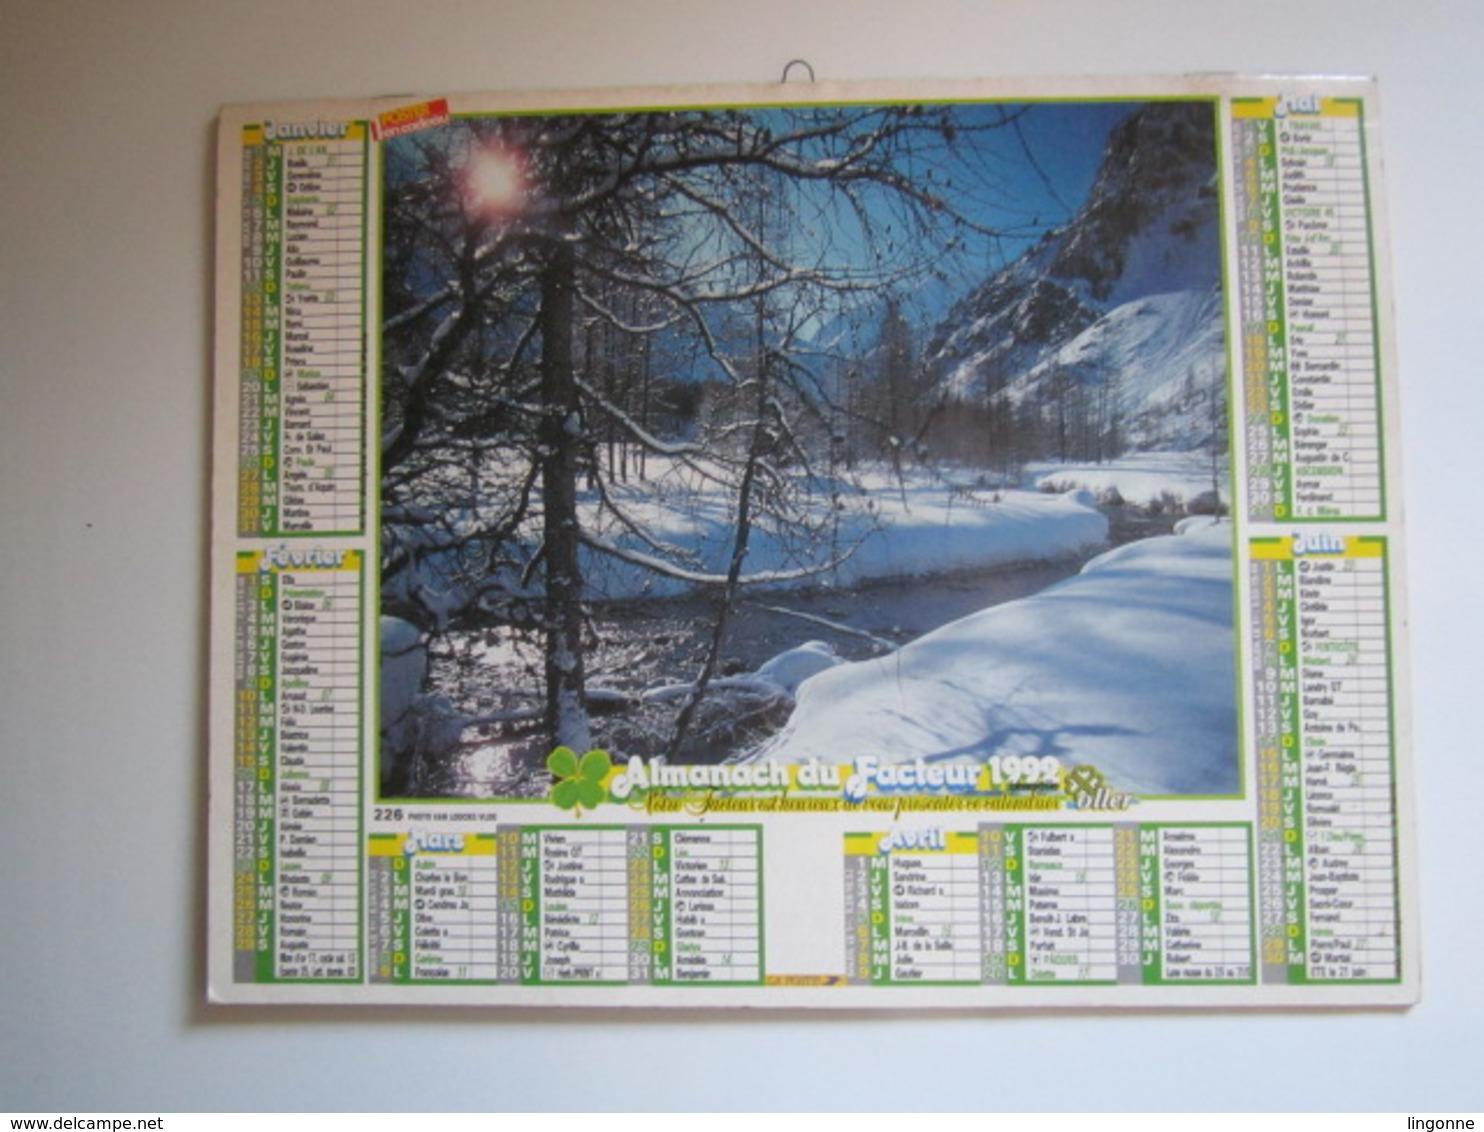 1992 ALMANACH DU FACTEUR Calendrier Des Postes HAUTE-MARNE 52 + POSTER ALMANACH DES POSTES 1929 Et 1945 - Calendriers